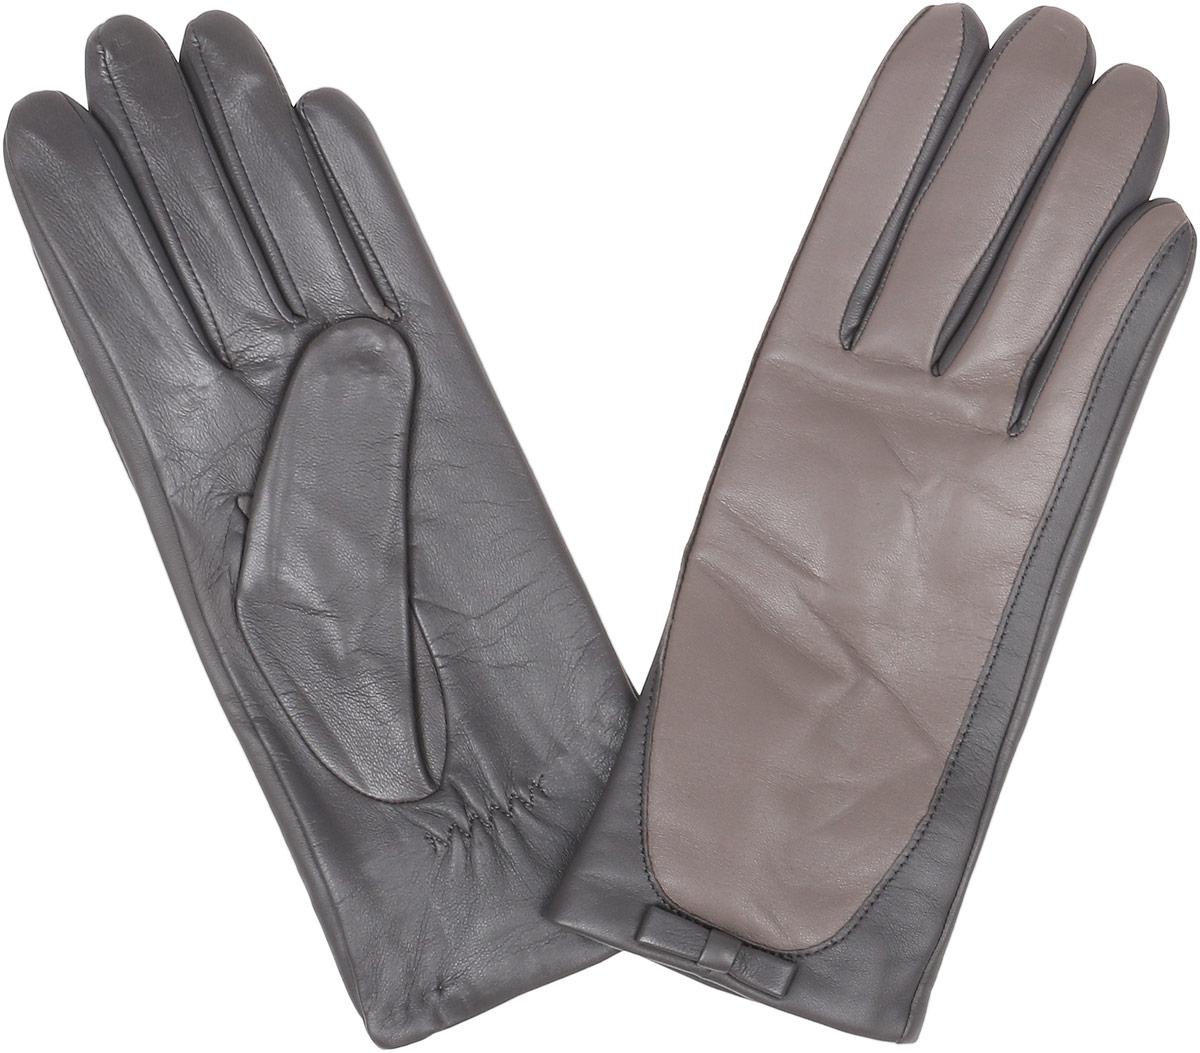 12.28-9 greyСтильные женские перчатки Fabretti не только защитят ваши руки, но и станут великолепным украшением. Перчатки выполнены из натуральной кожи ягненка, а их подкладка - из высококачественной шерсти с добавлением кашемира. Модель оформлена оригинальными строчками-стежками и дополнена небольшим бантиком. Стильный аксессуар для повседневного образа.